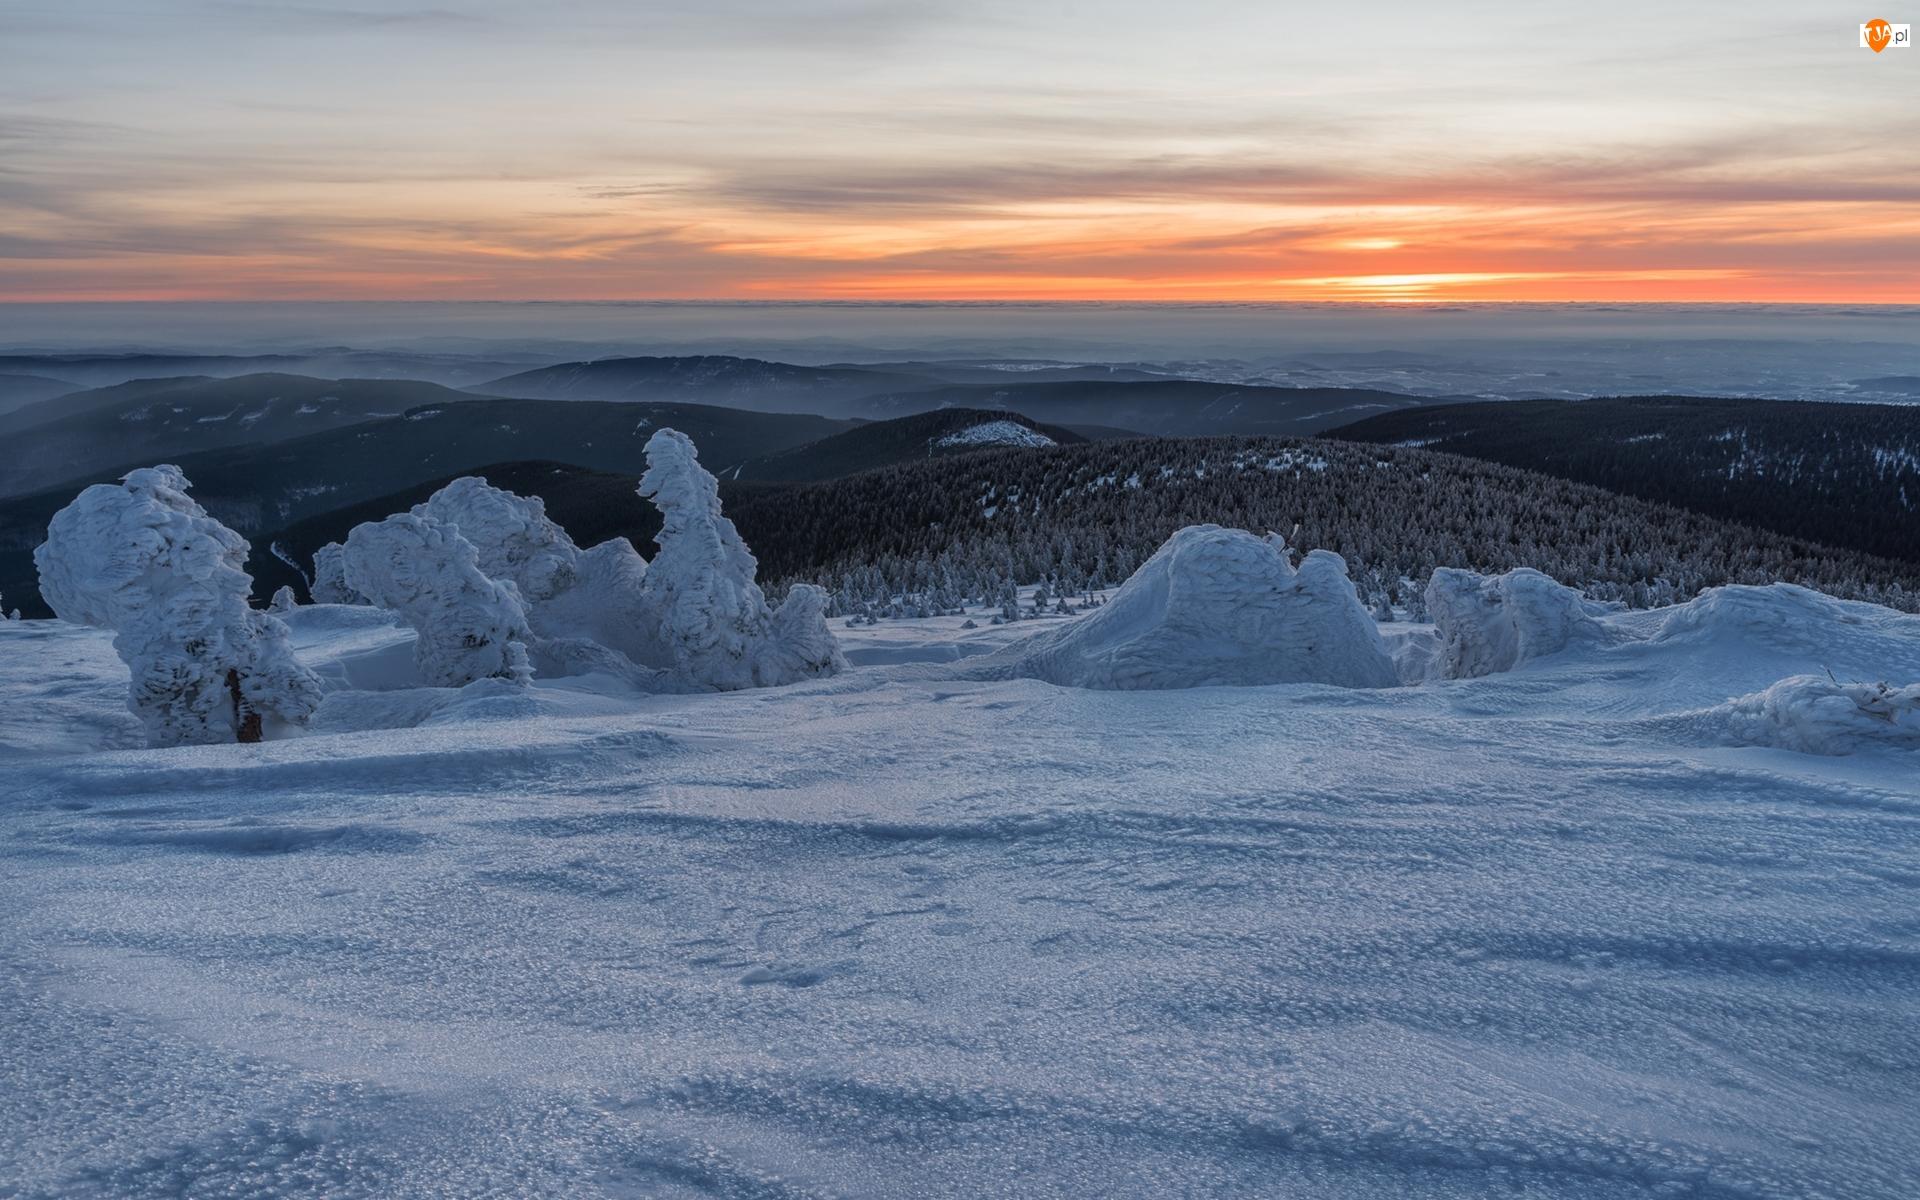 Ośnieżone, Zachód słońca, Wzgórza, Zima, Drzewa